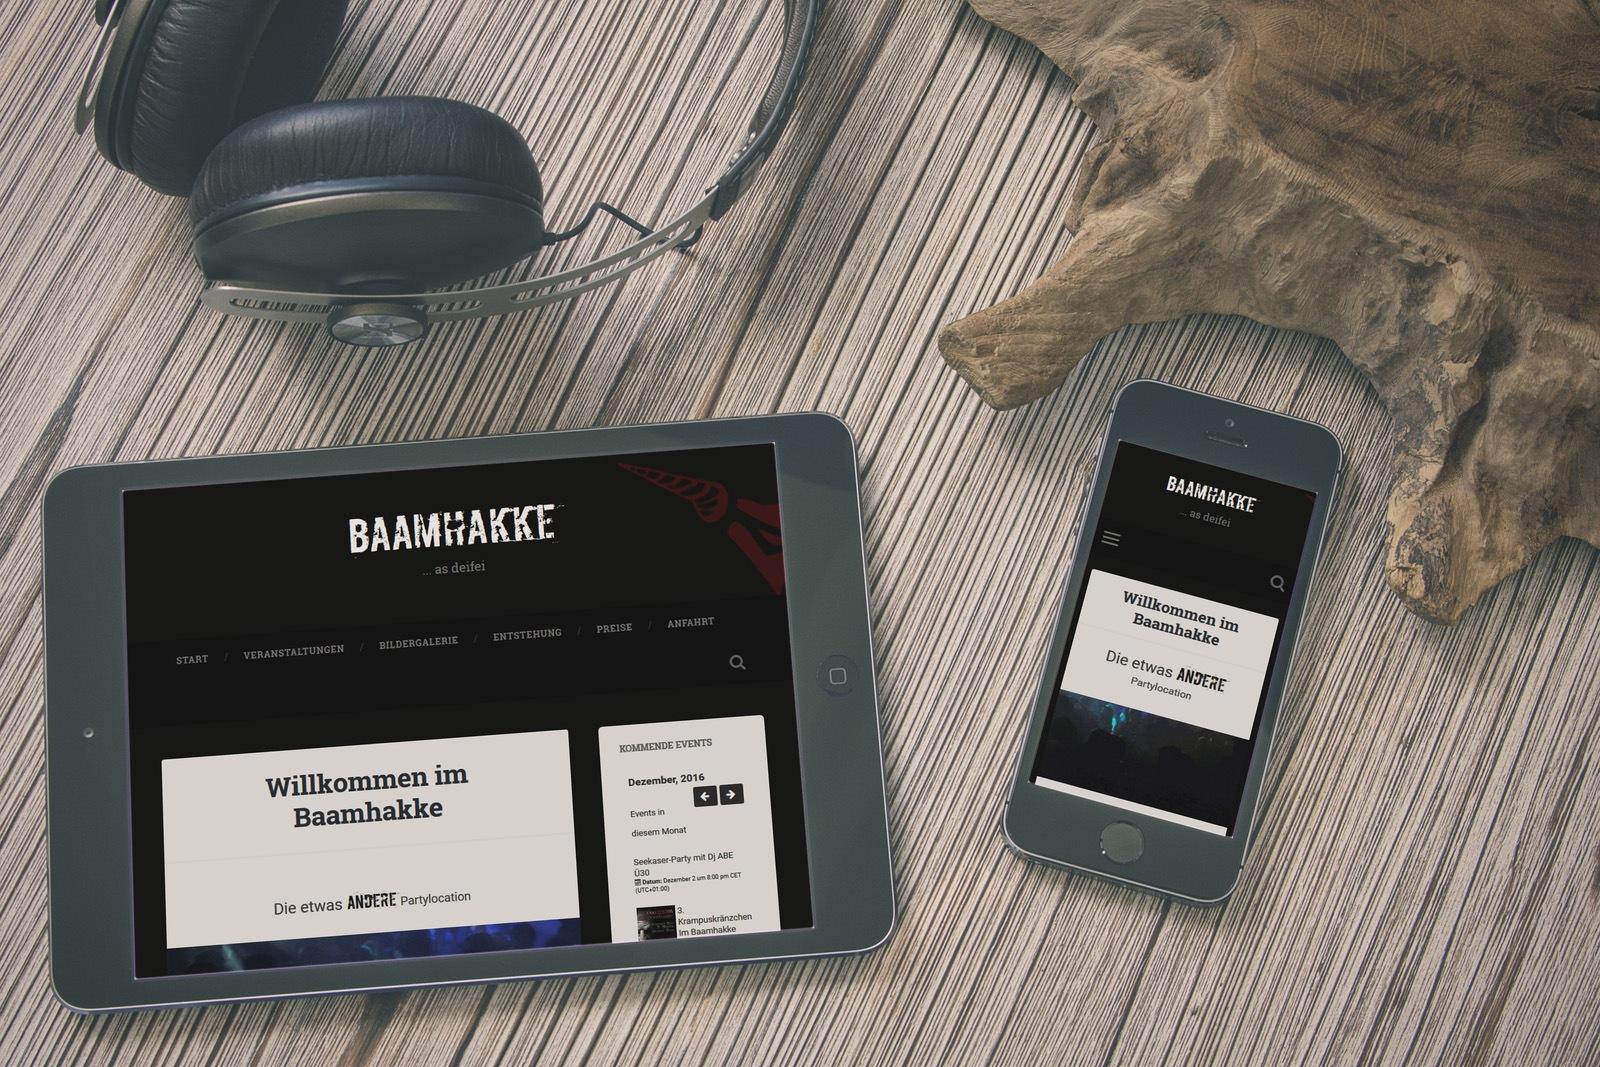 Baamhakke Mobile